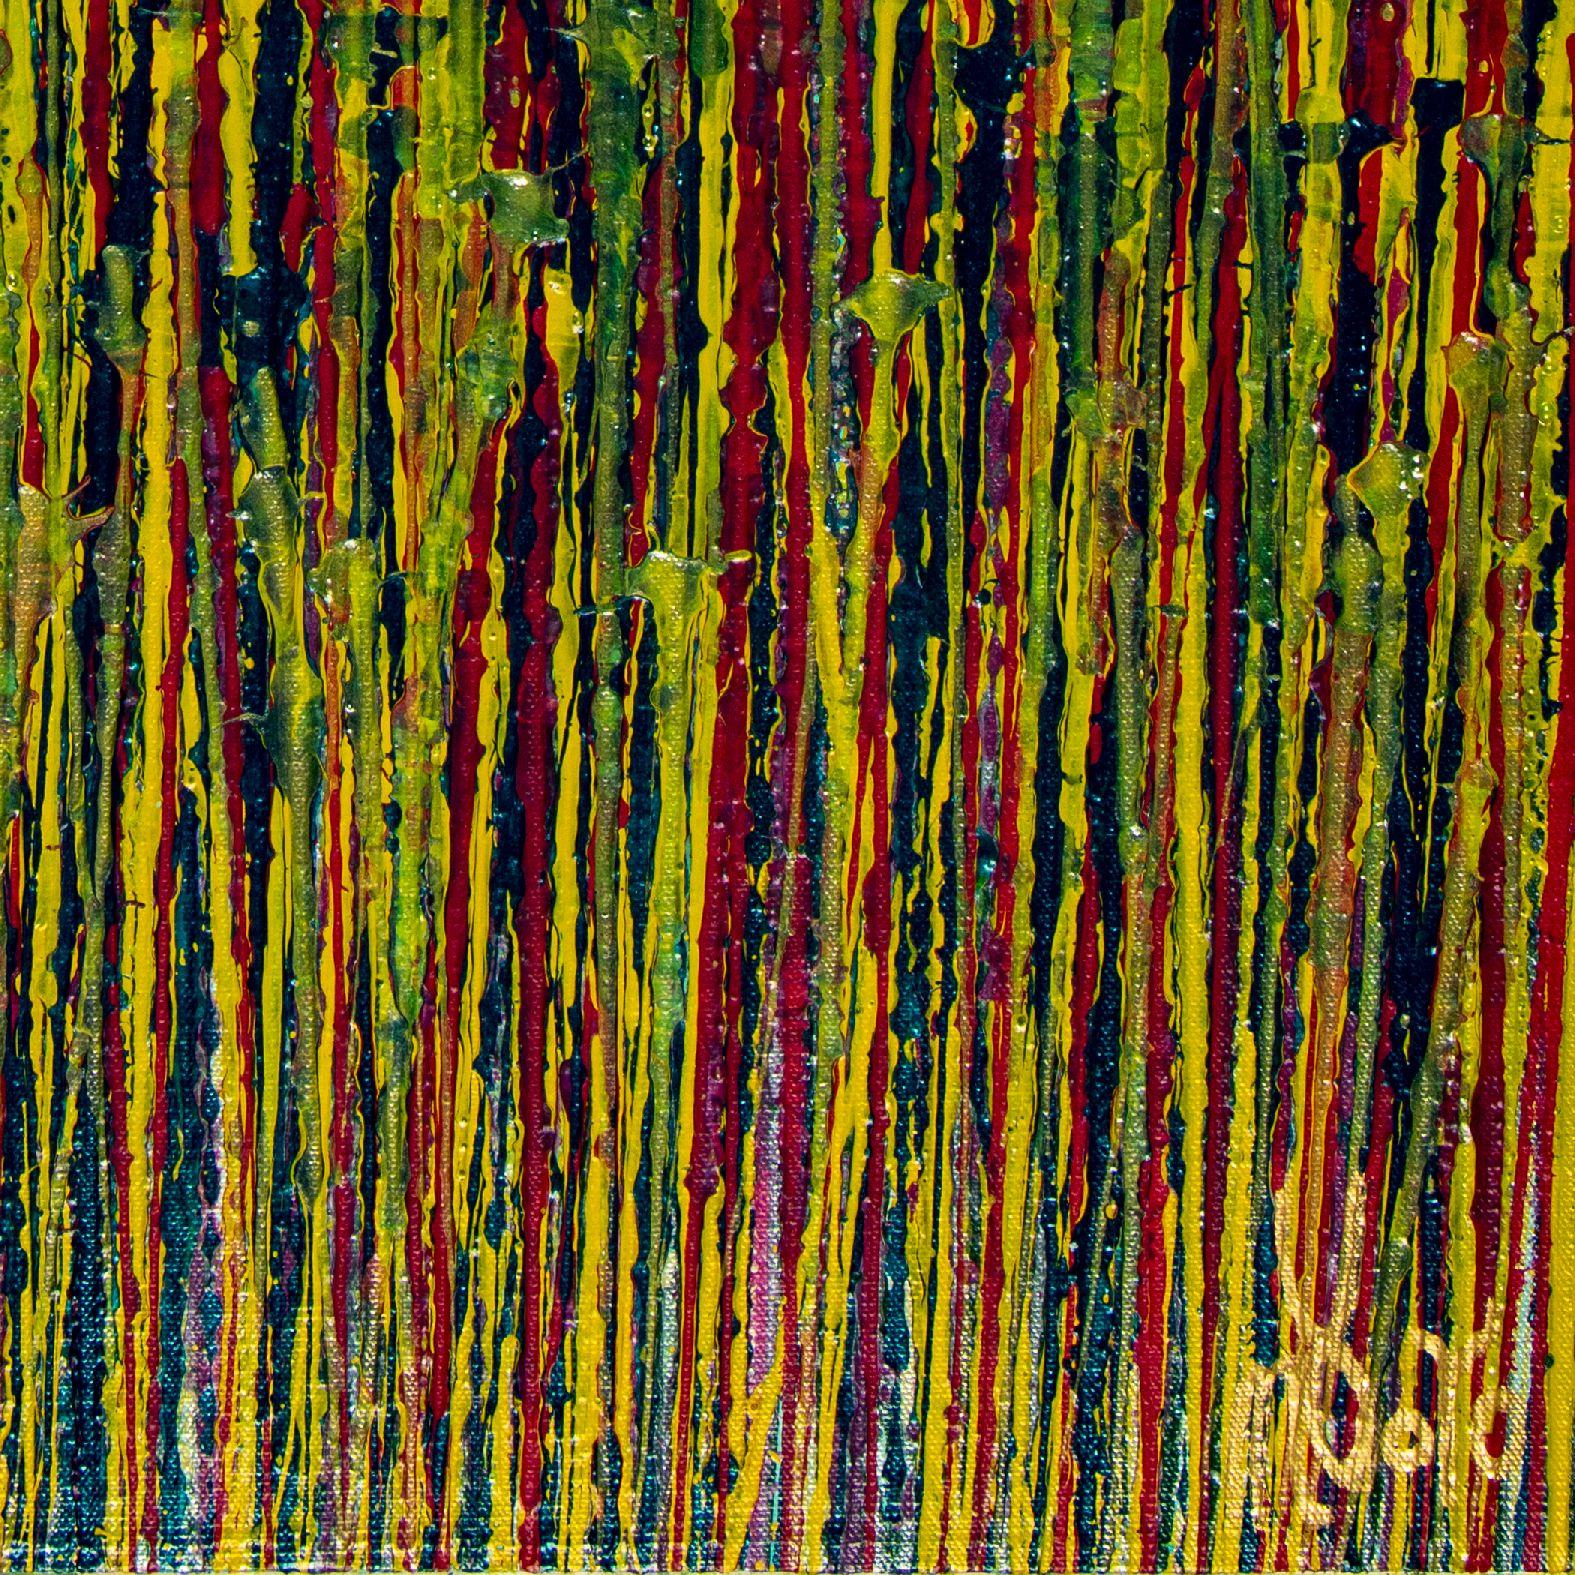 SOLD - Daydream panorama (Natures Imagery) 22 (2020) by Nestor Toro